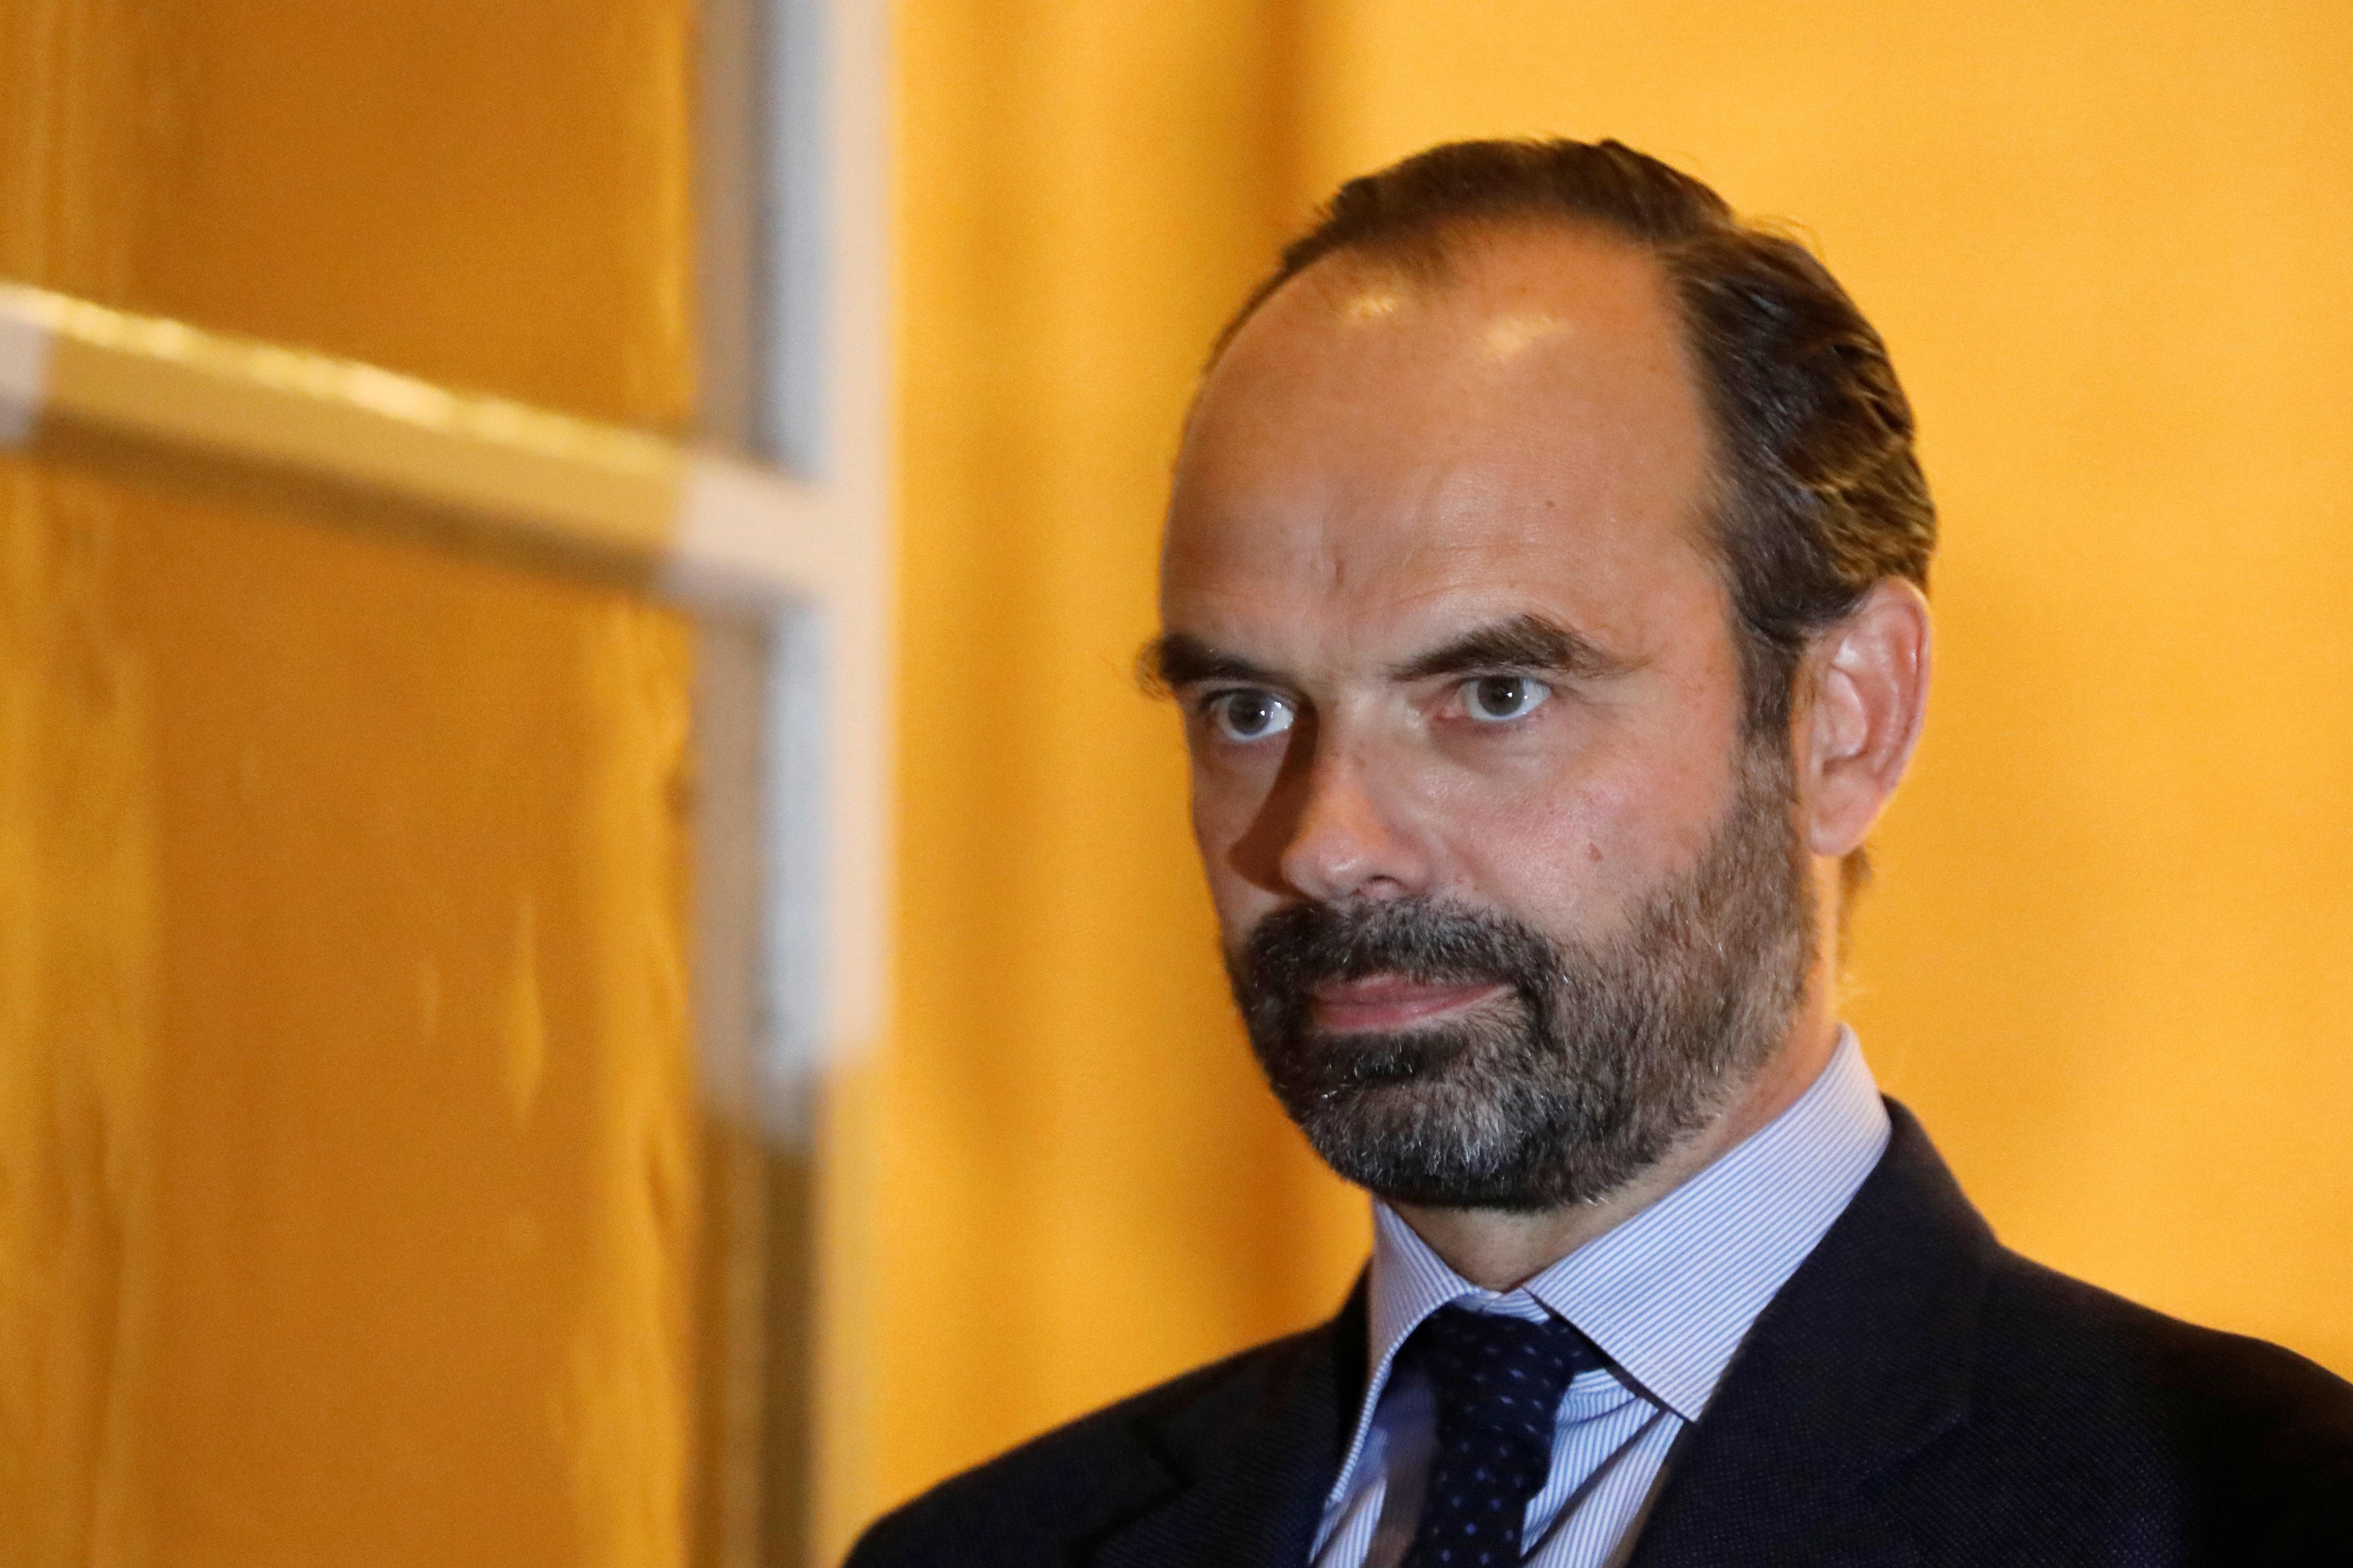 Gilets Jaunes: Le gouvernement français joue